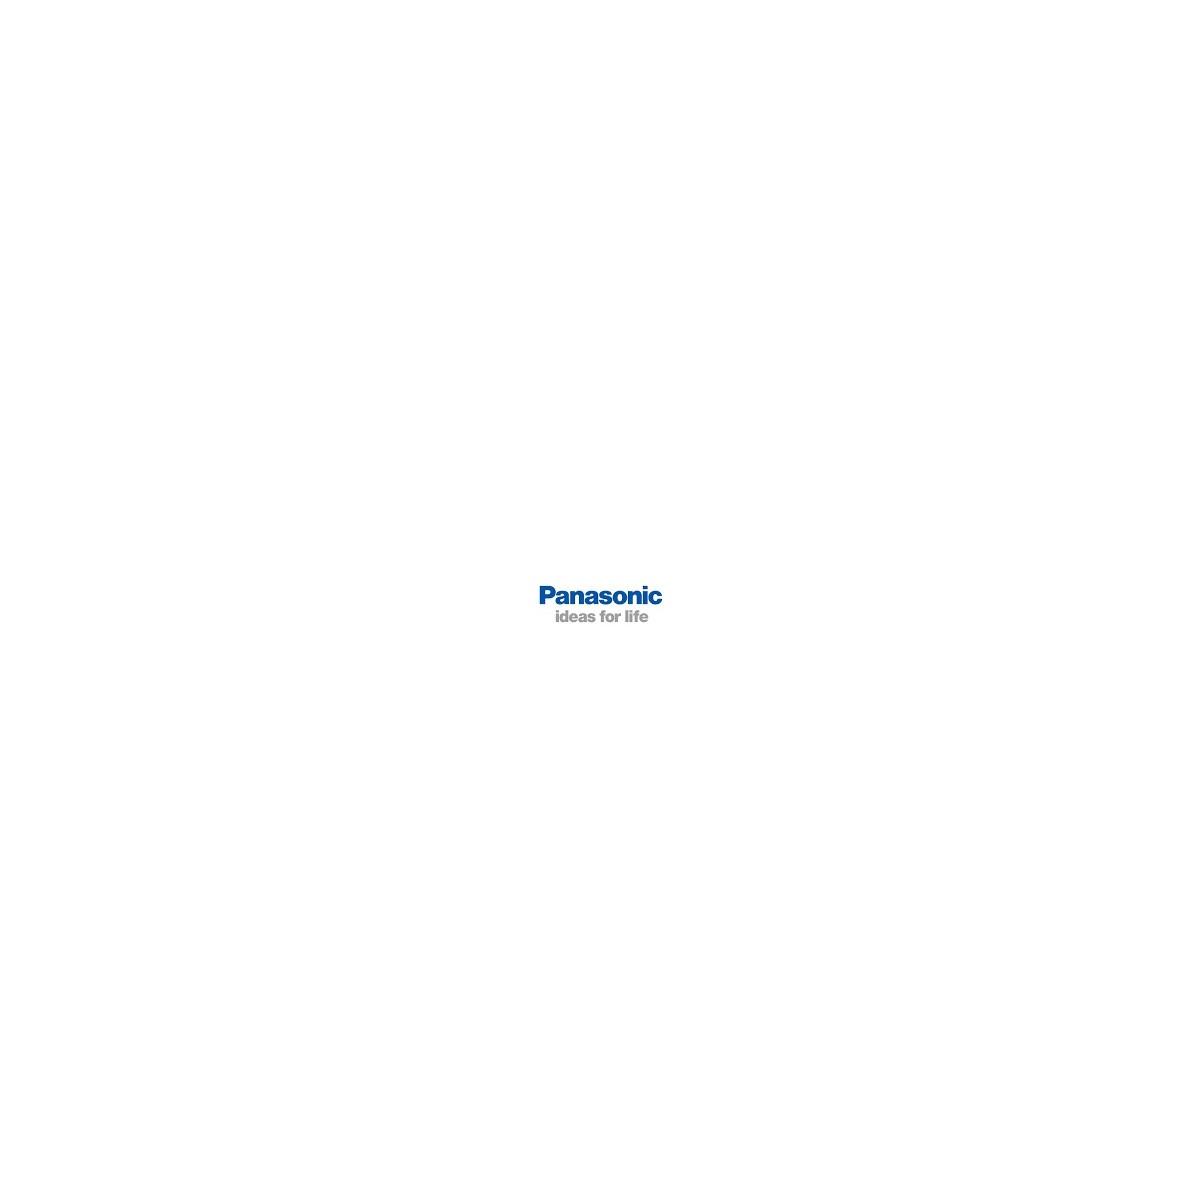 Panasonic Mobile Softphone chiave di attivazione ‐ 10 utenti